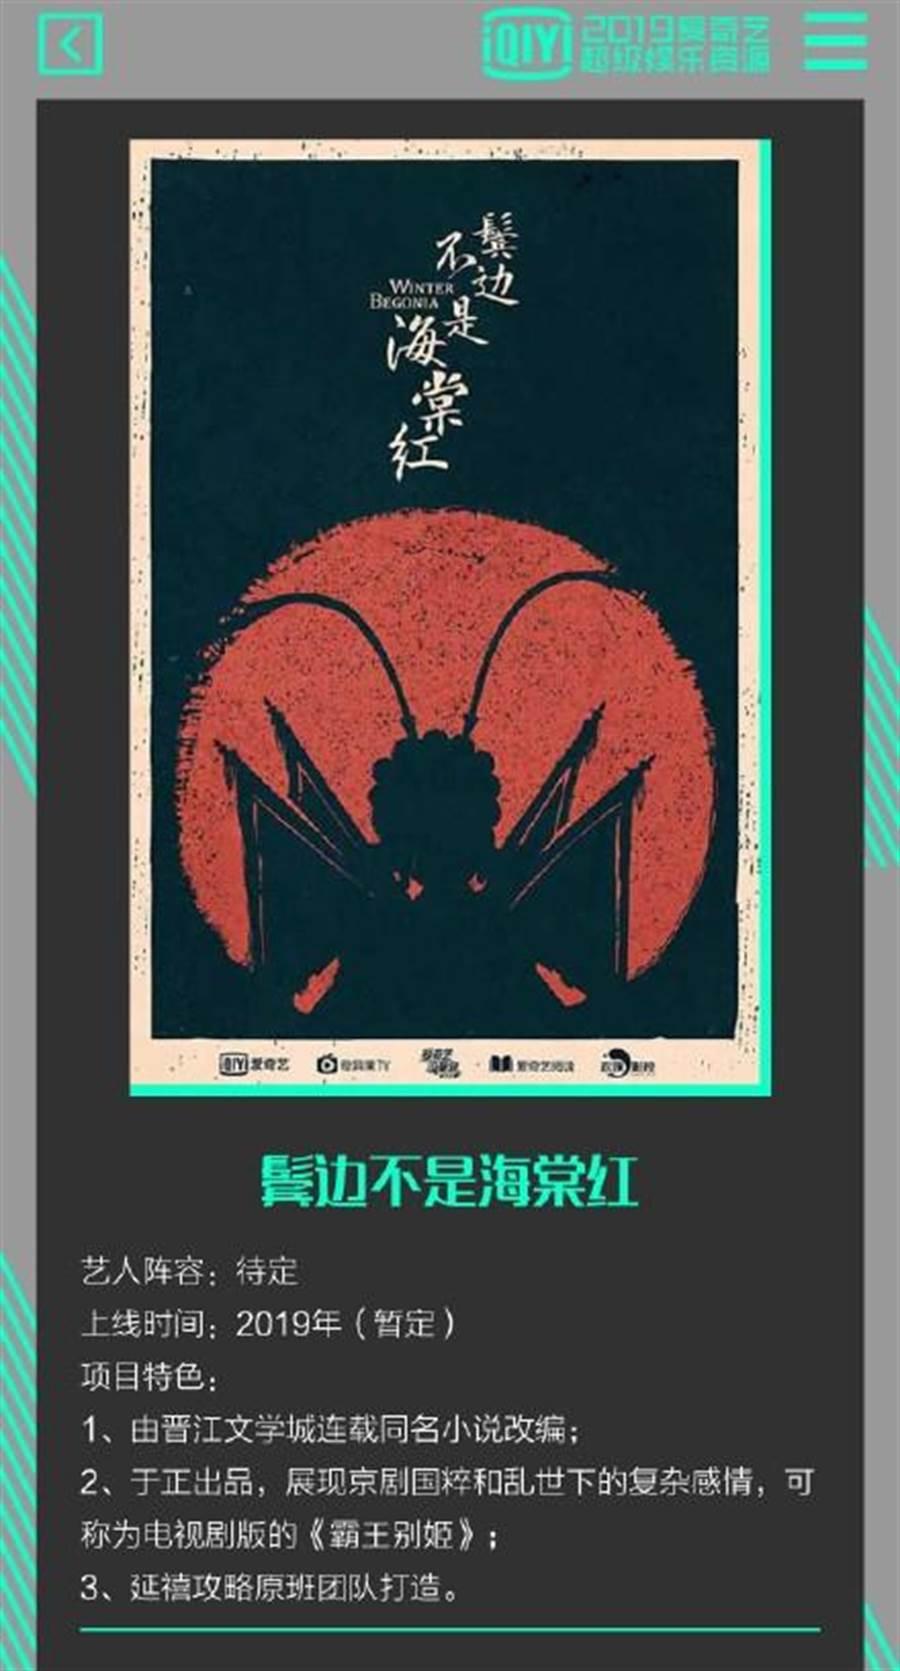 于正新戲《鬢邊不是海棠紅》預計11月底開拍。(圖/翻攝自微博)